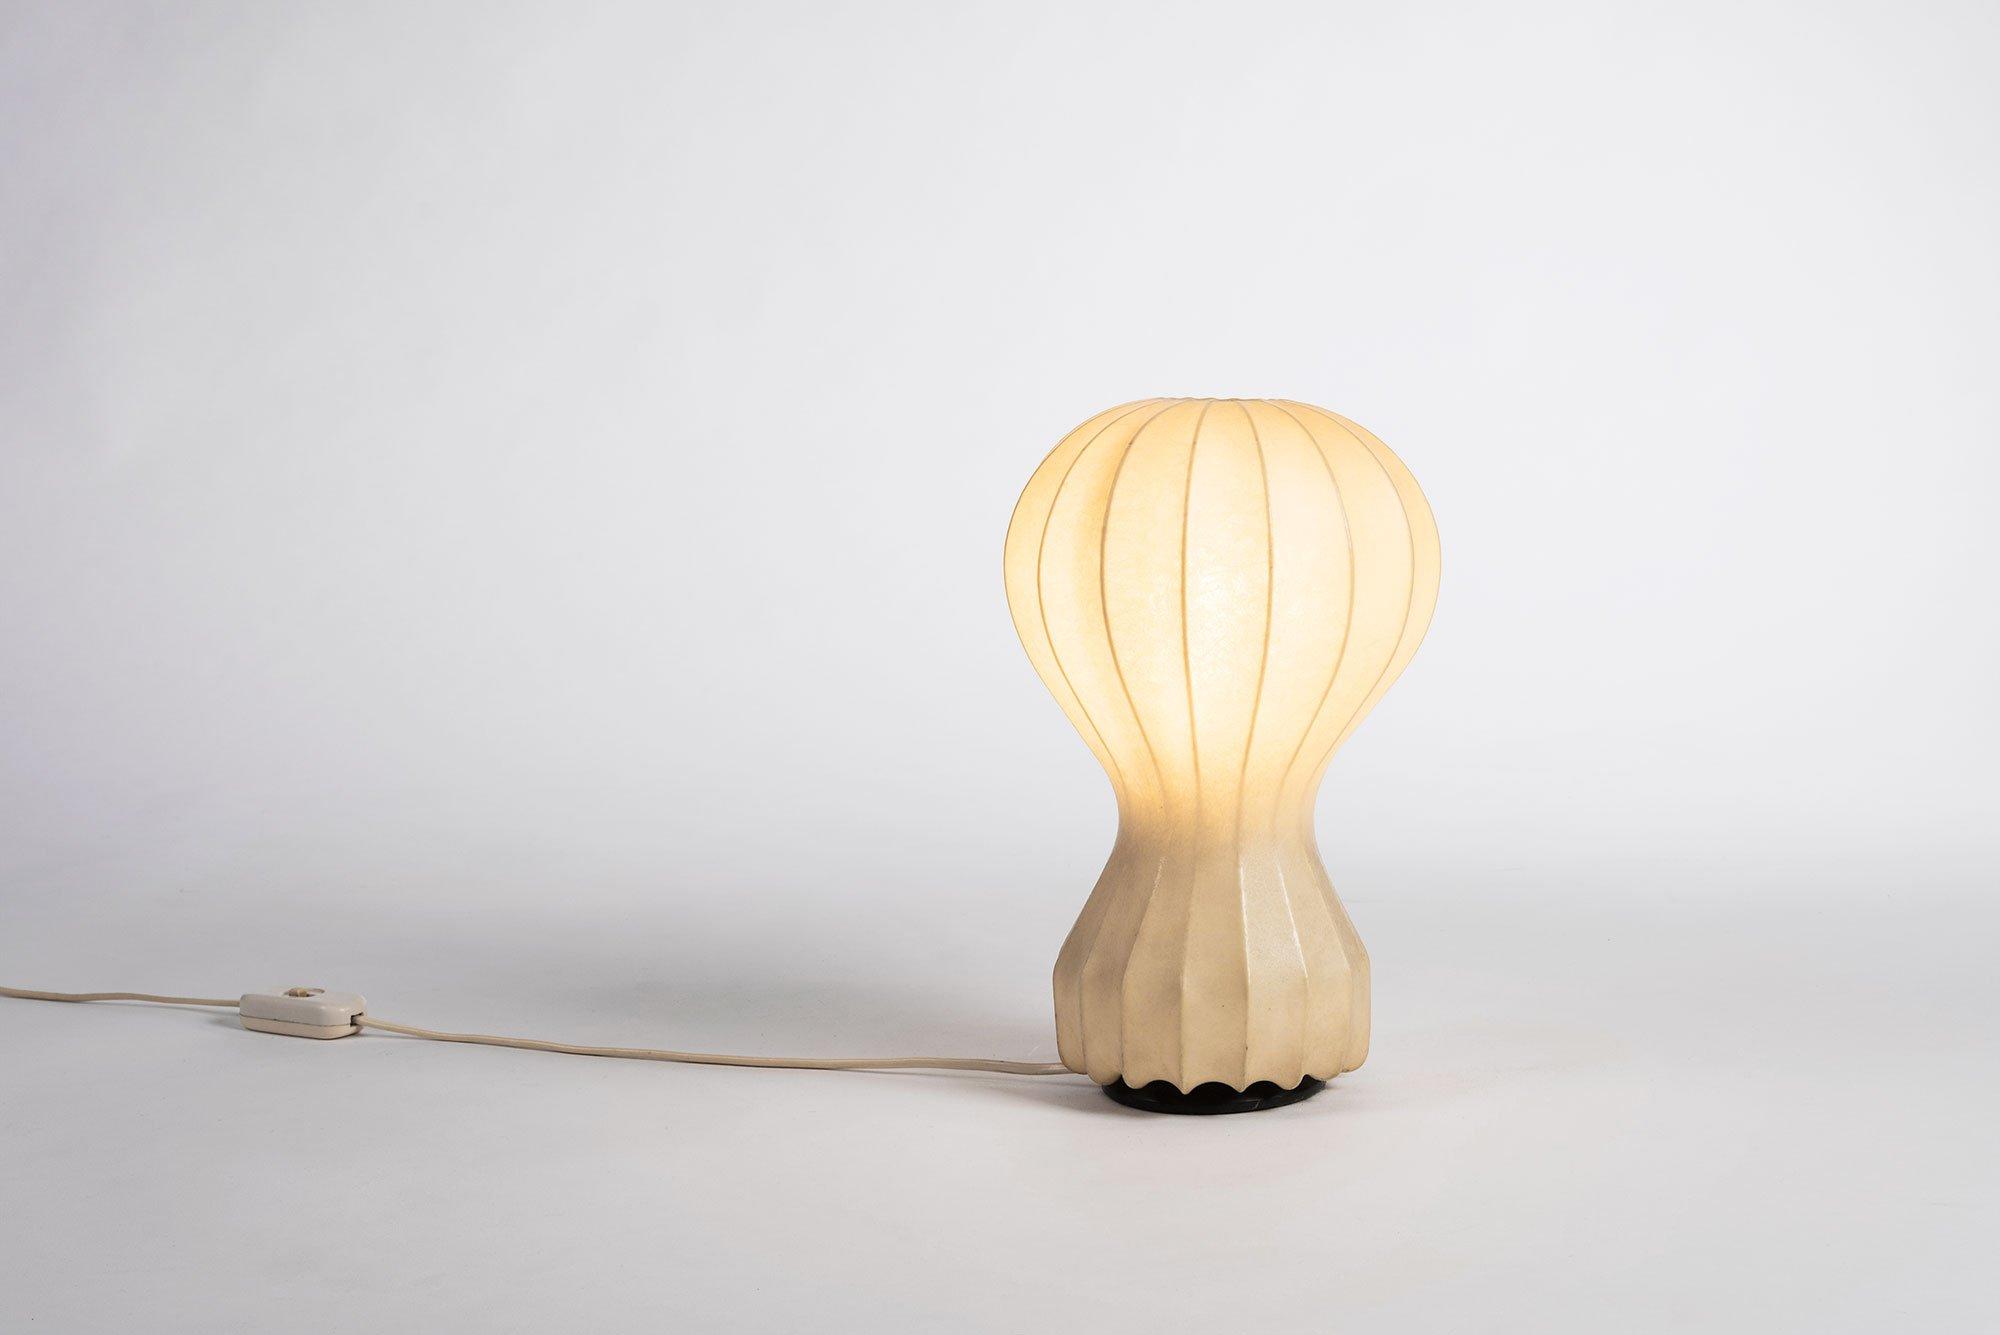 Turned on Gatto table lamp designed by Achille Castiglioni